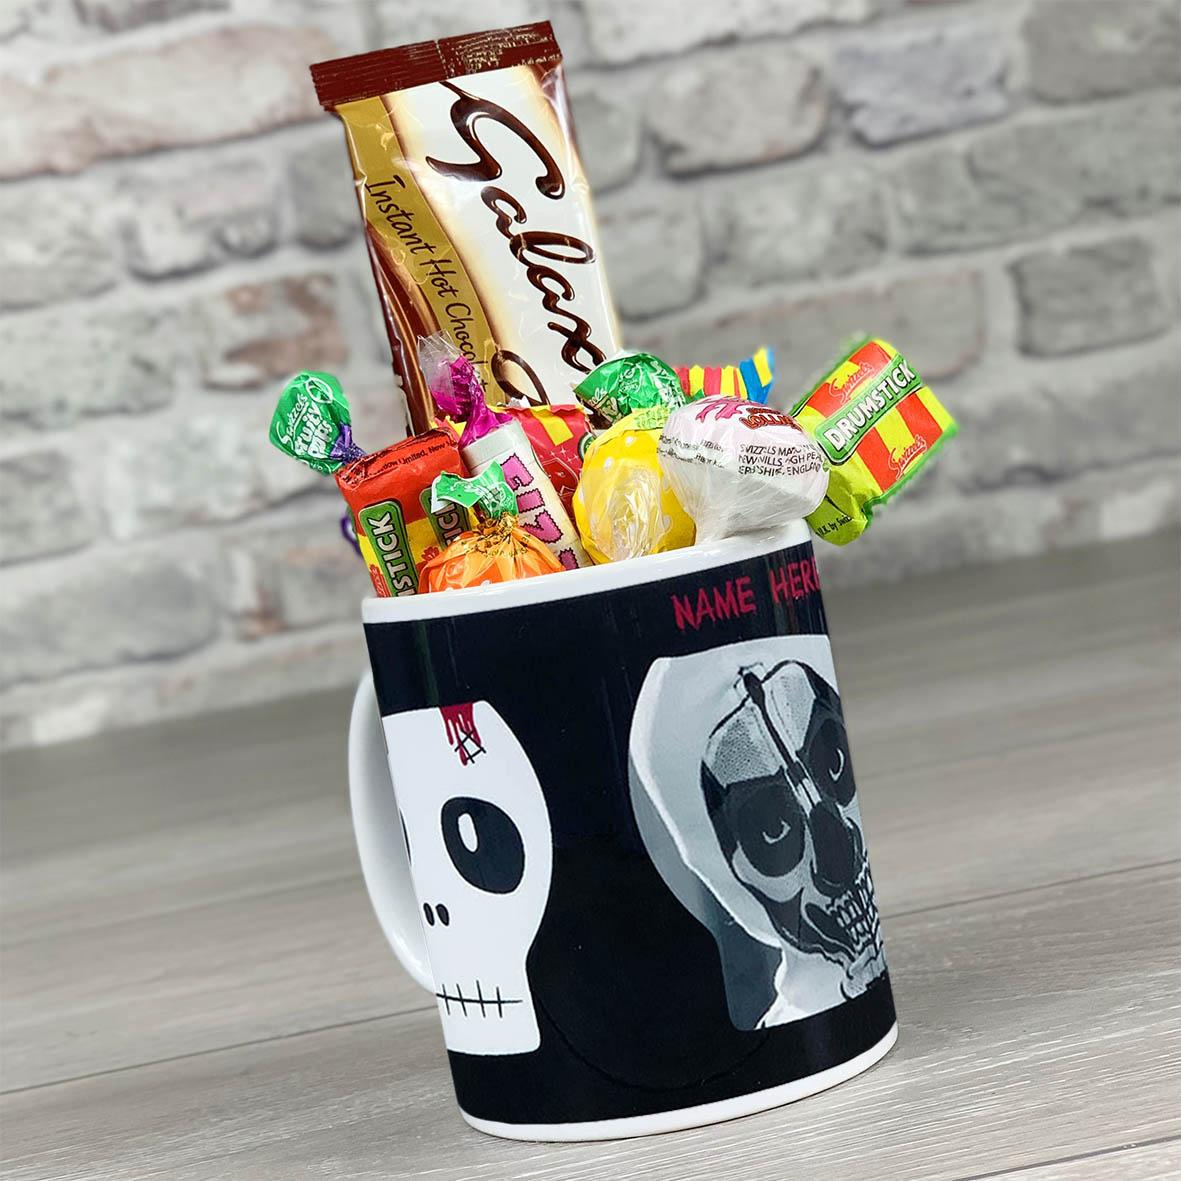 Skulls Photo Upload - Personalised Mug With Sweets